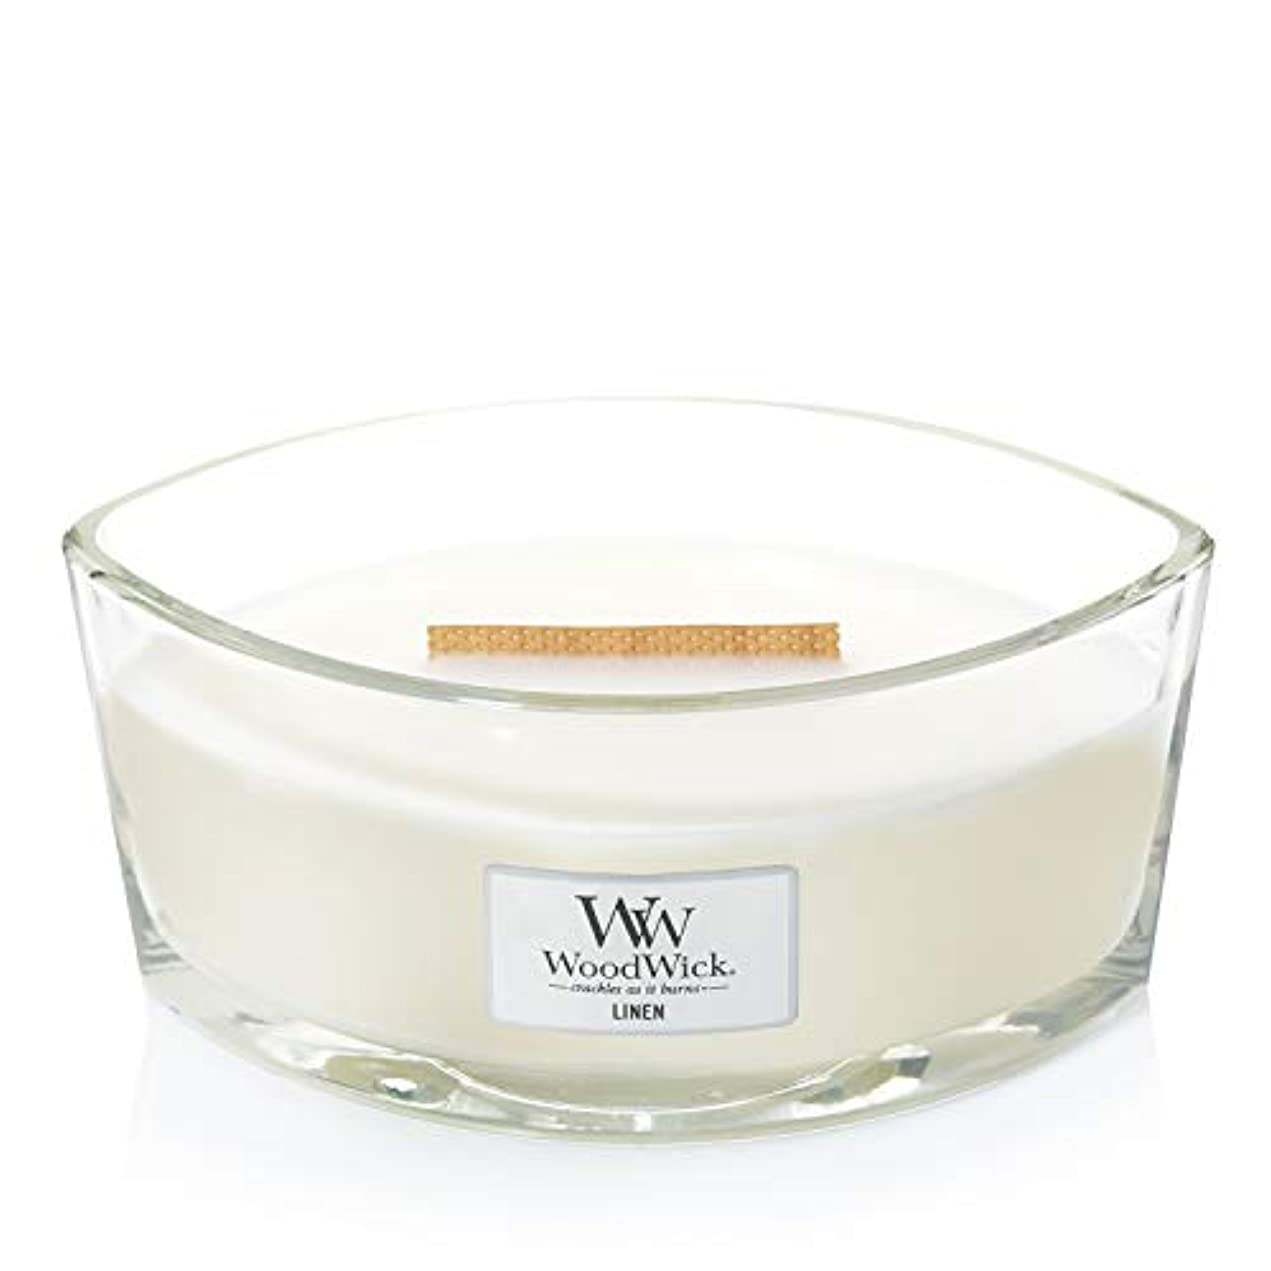 準備ずるいソート(11.4cm l x 19cm w x 8.8cm h) - WoodWick 76135 Linen HearthWick Candle, White